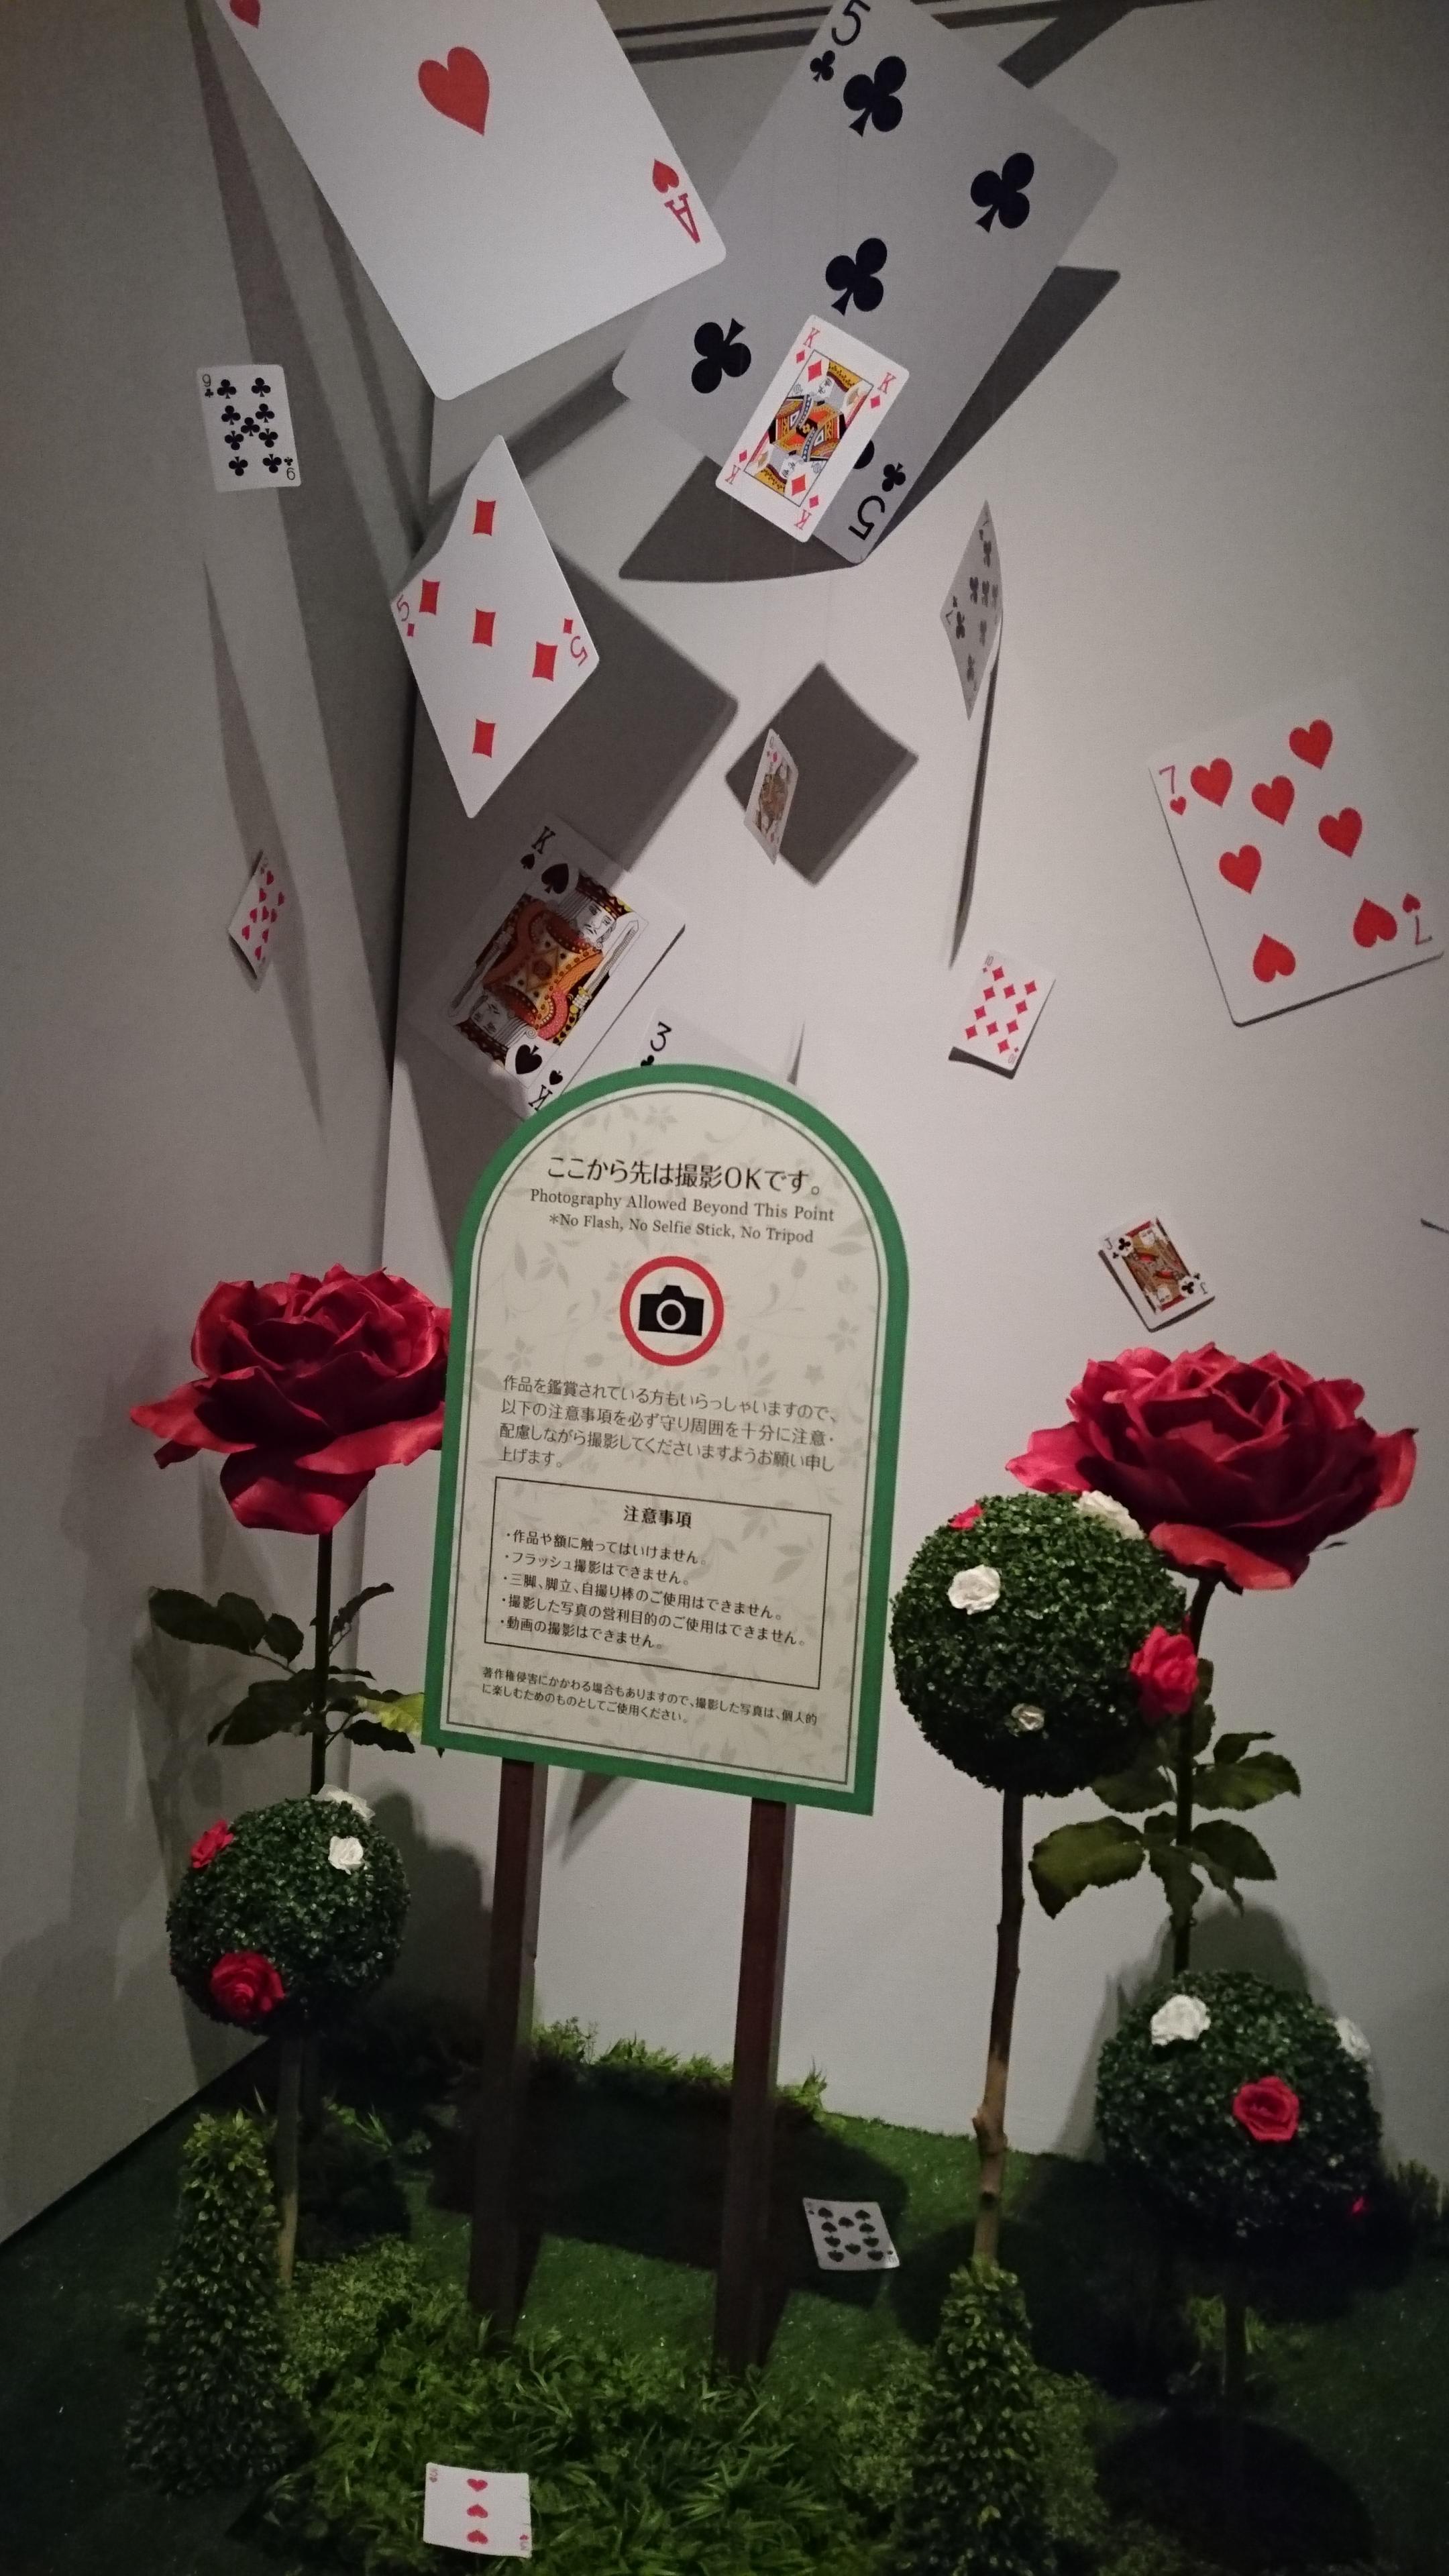 http://www.810810.co.jp/blog_healthy/DSC_0161.JPG